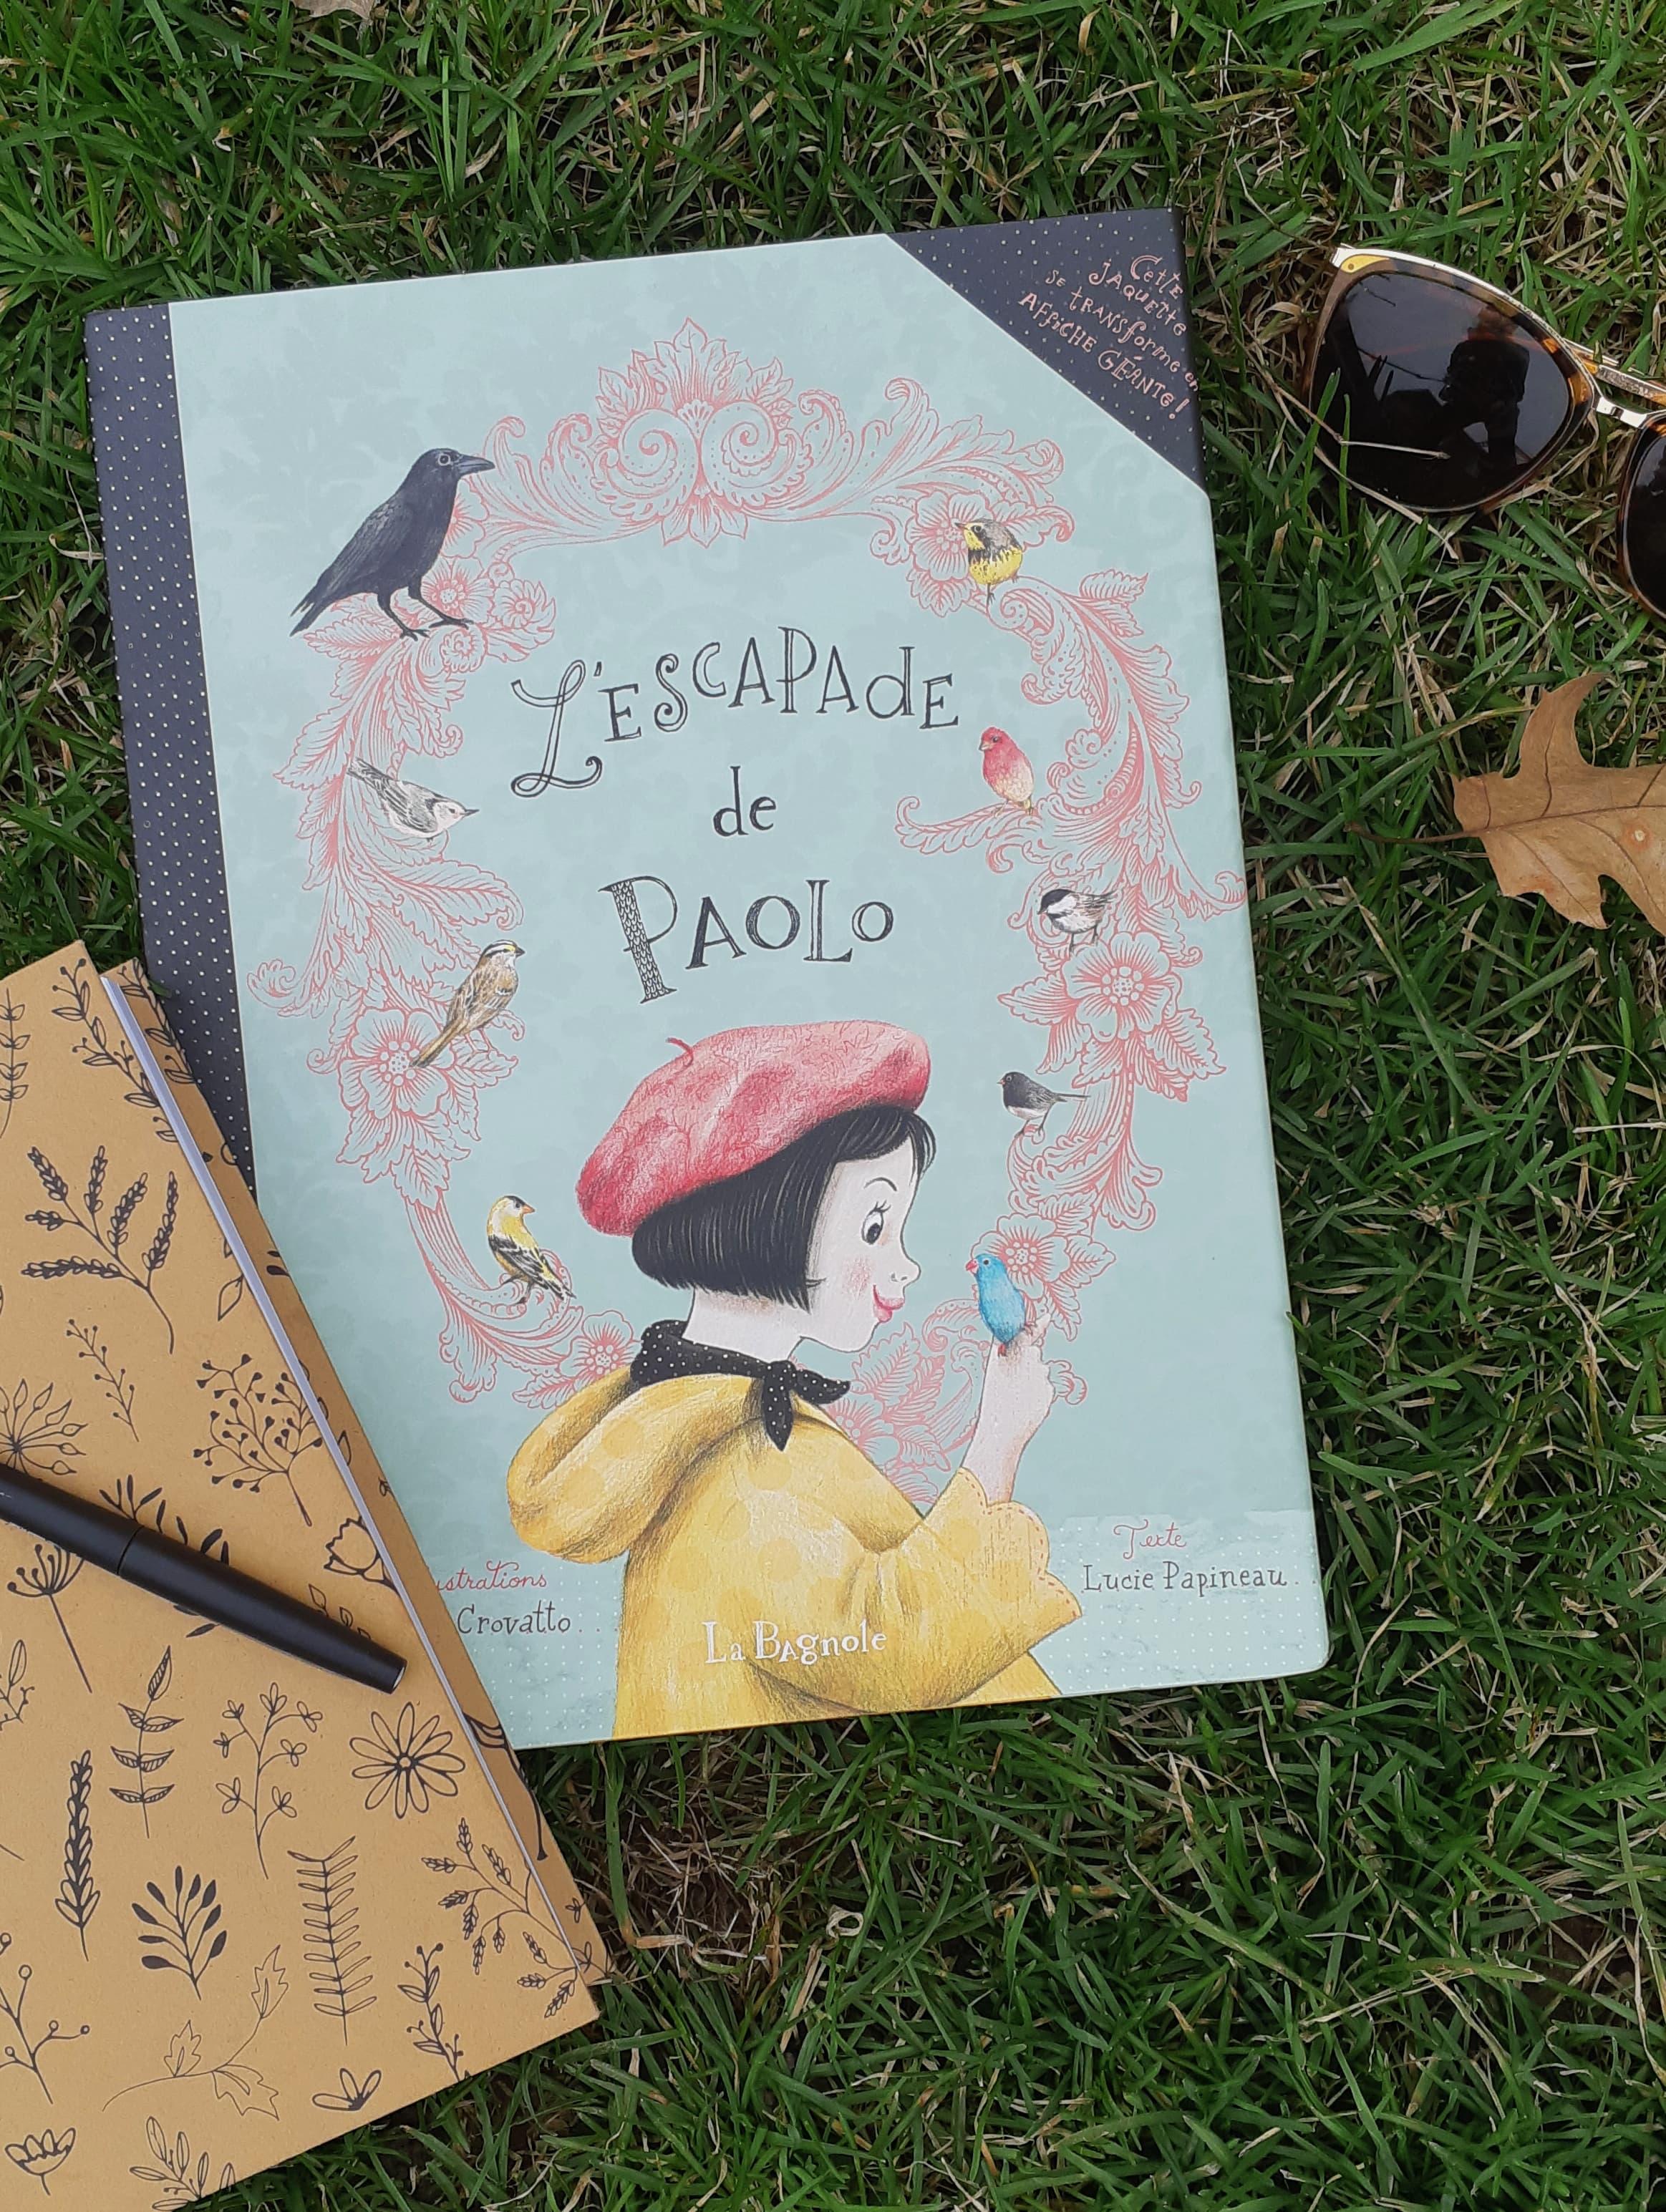 les aventures de paolo